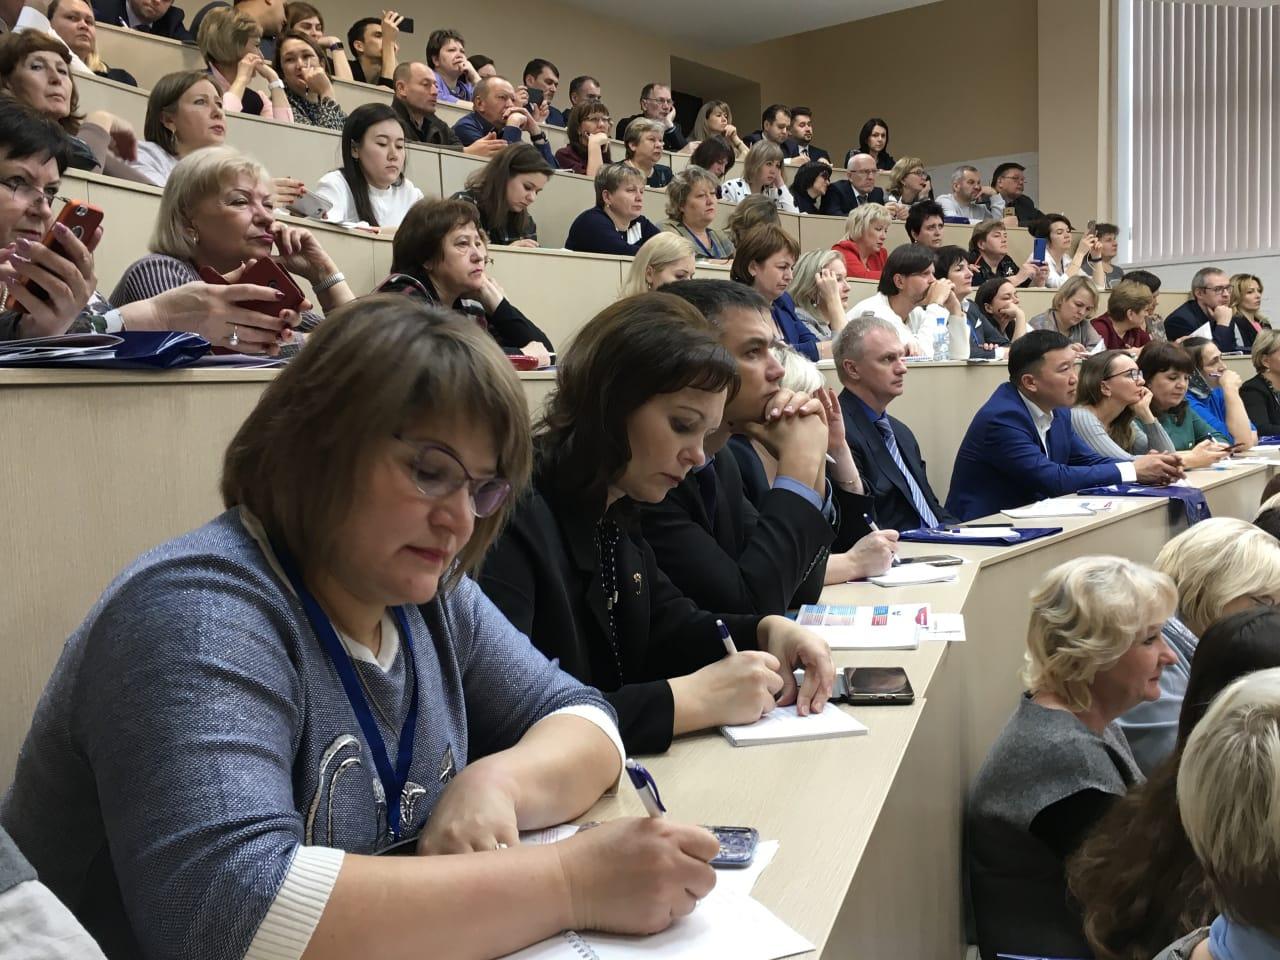 14-15 ноября в Ульяновске прошла Всероссийская конференция, посвященная совершенствованию системы питания в образовательных учреждениях